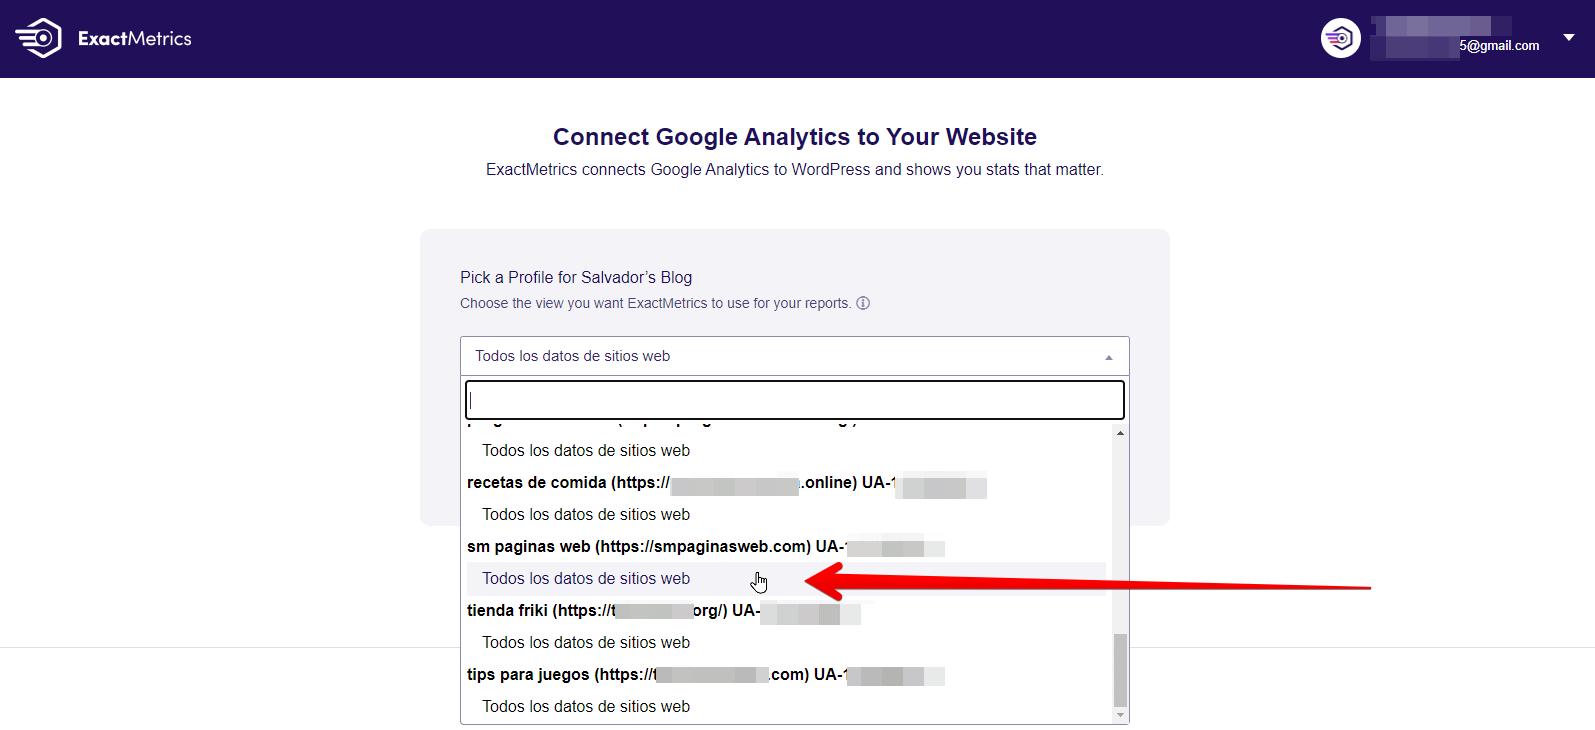 elegir cuenta de analytics